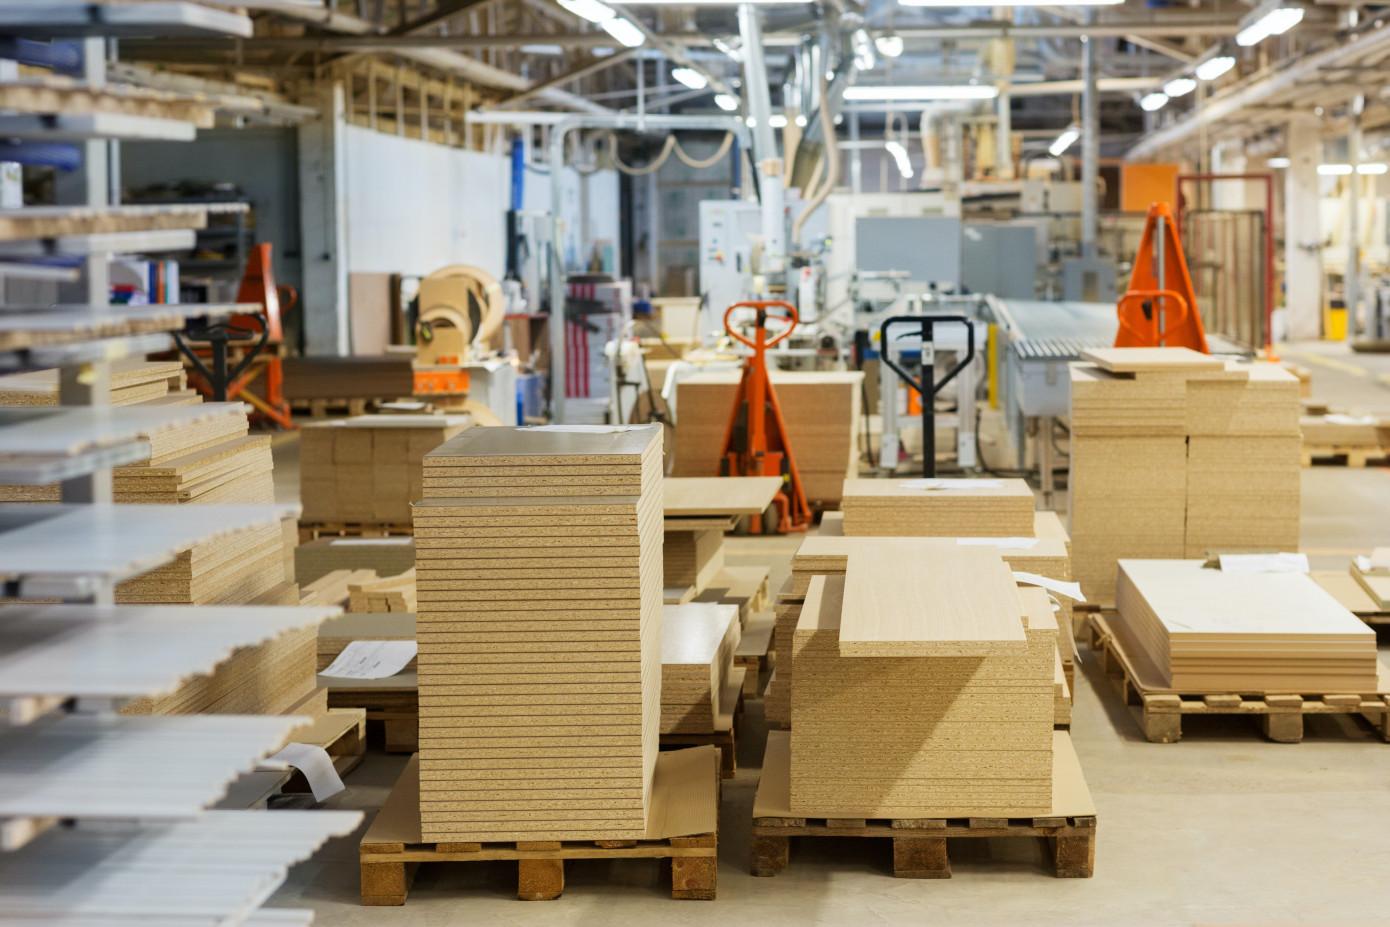 АМДПР: новый план импортозамещения увеличит долю российской мебели на внутреннем рынке до 70%